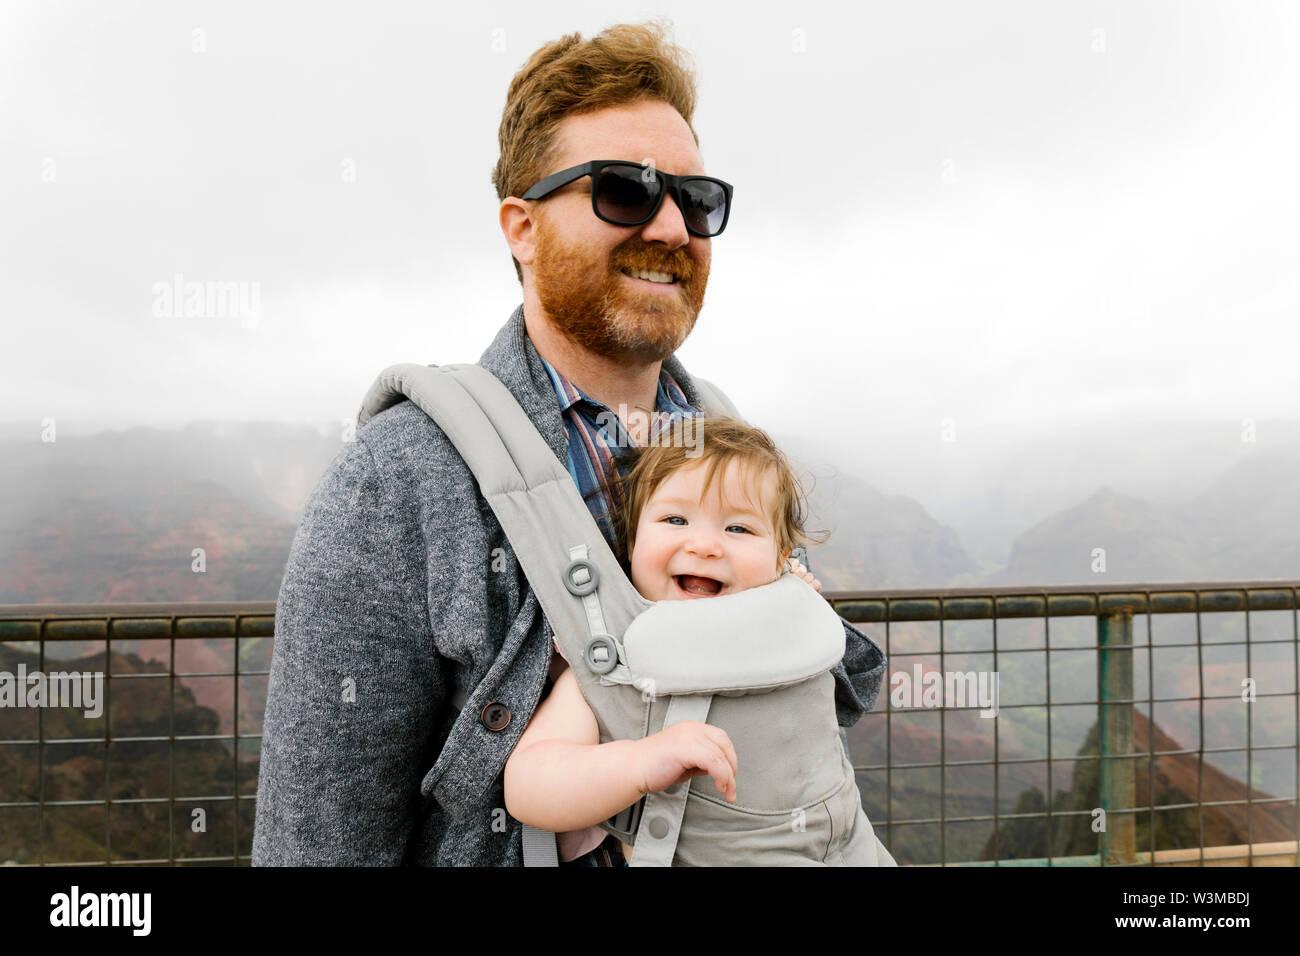 Père avec son bébé en porte-bébé fille Banque D'Images